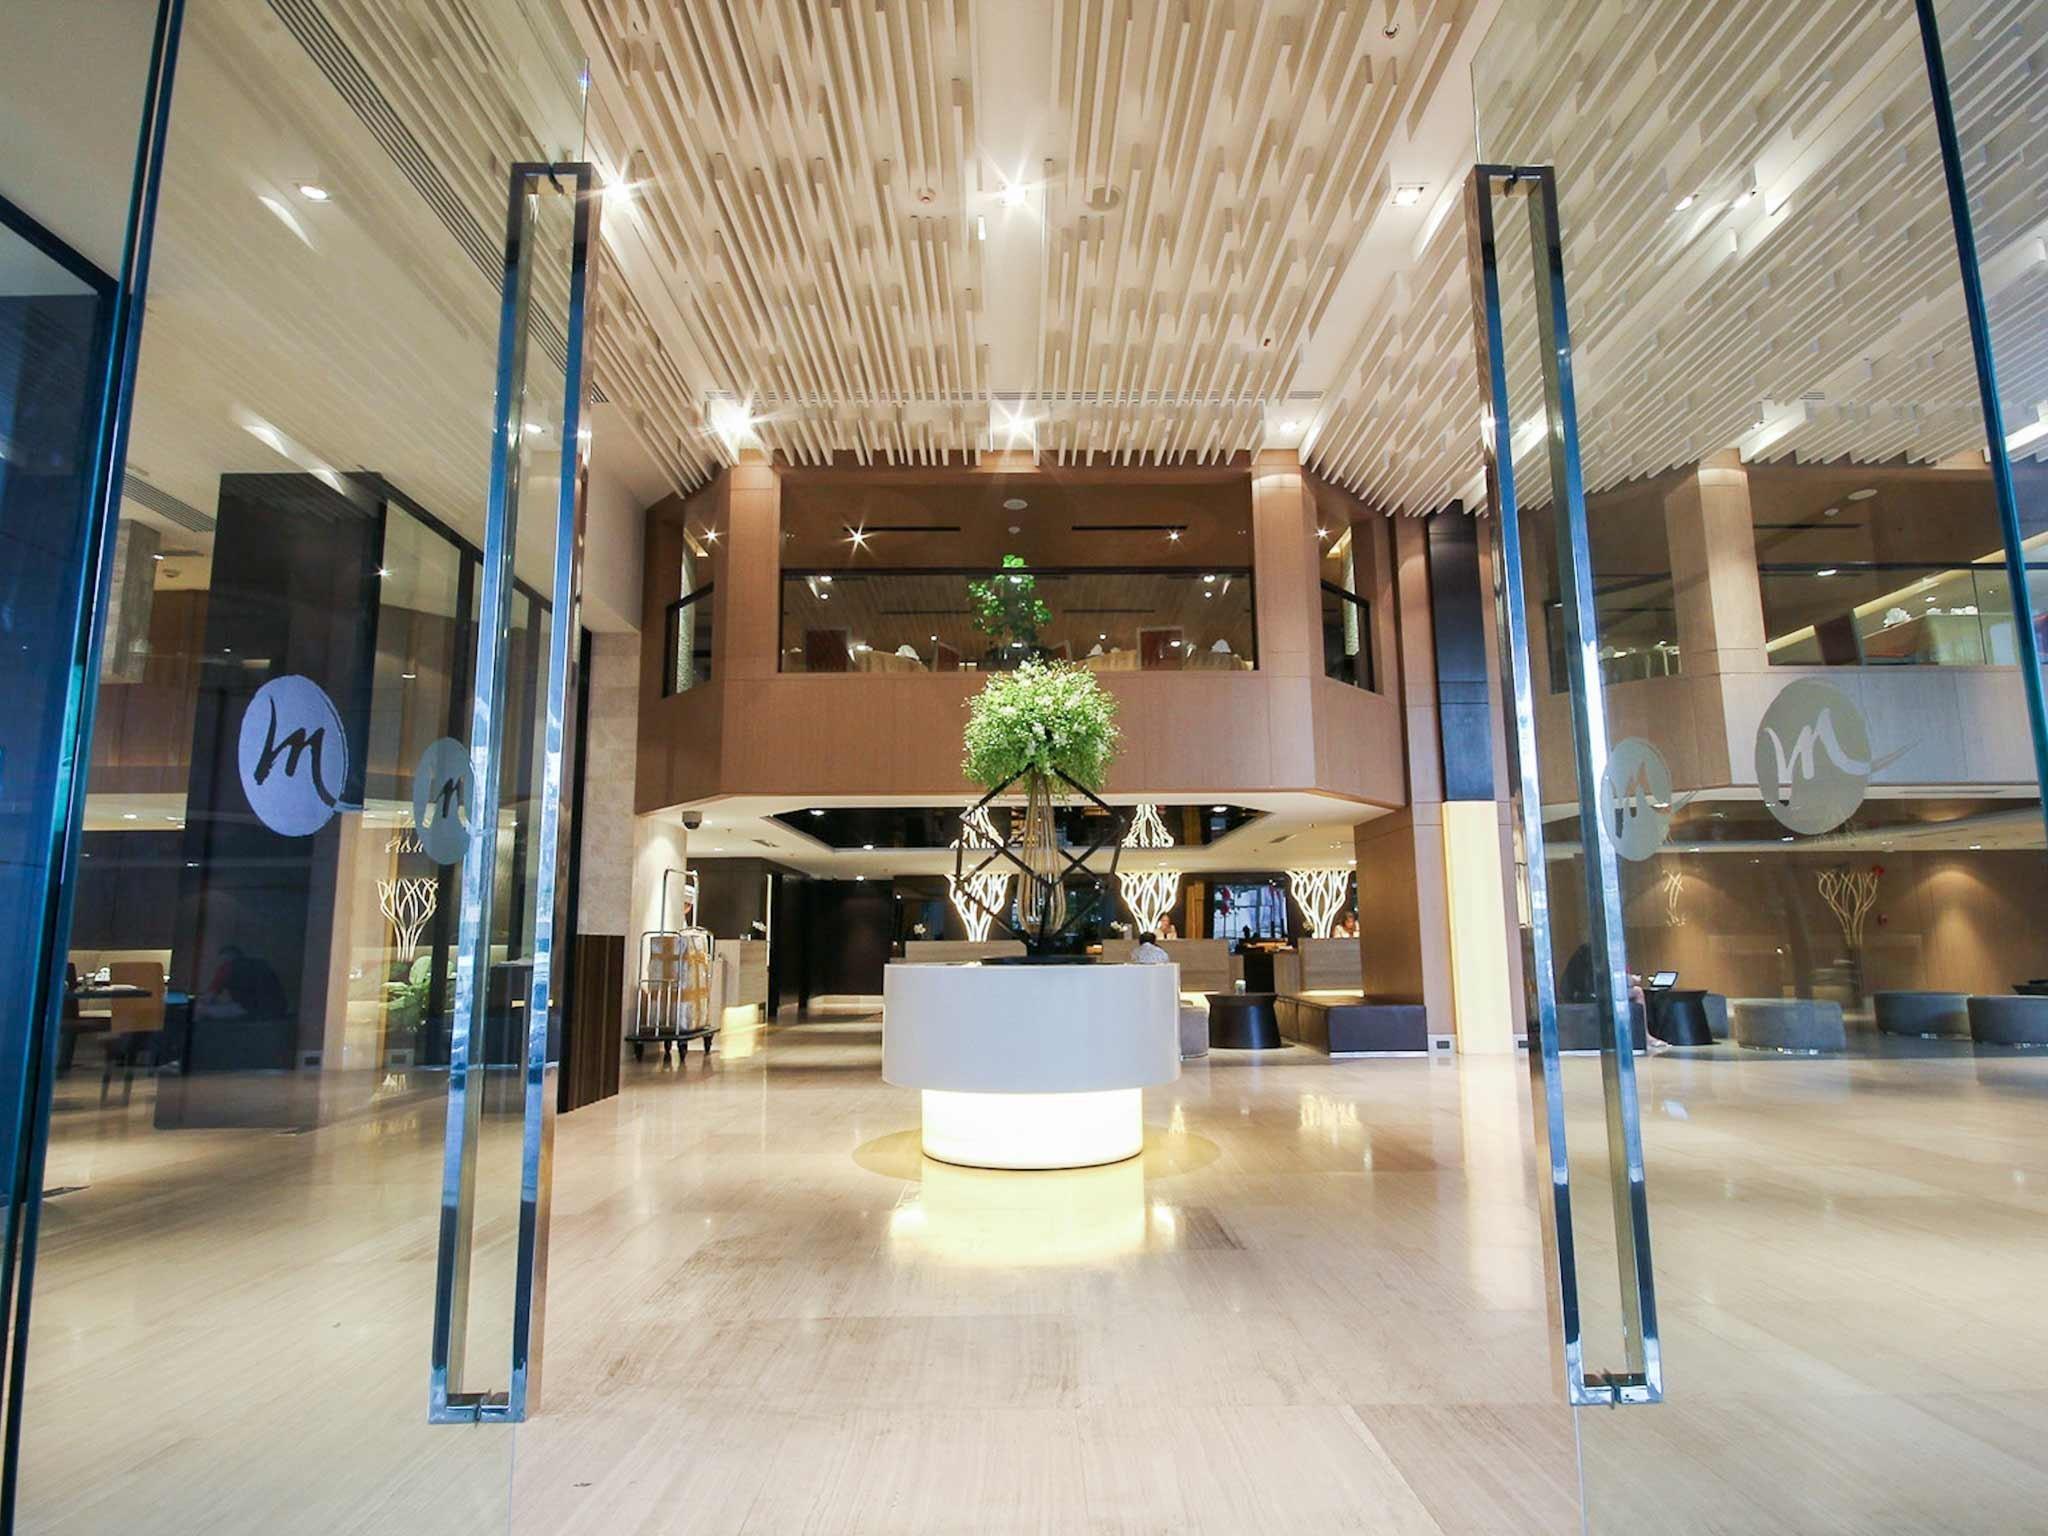 โรงแรมแกรนด์ เมอร์เคียว ฟอร์จูน กรุงเทพ